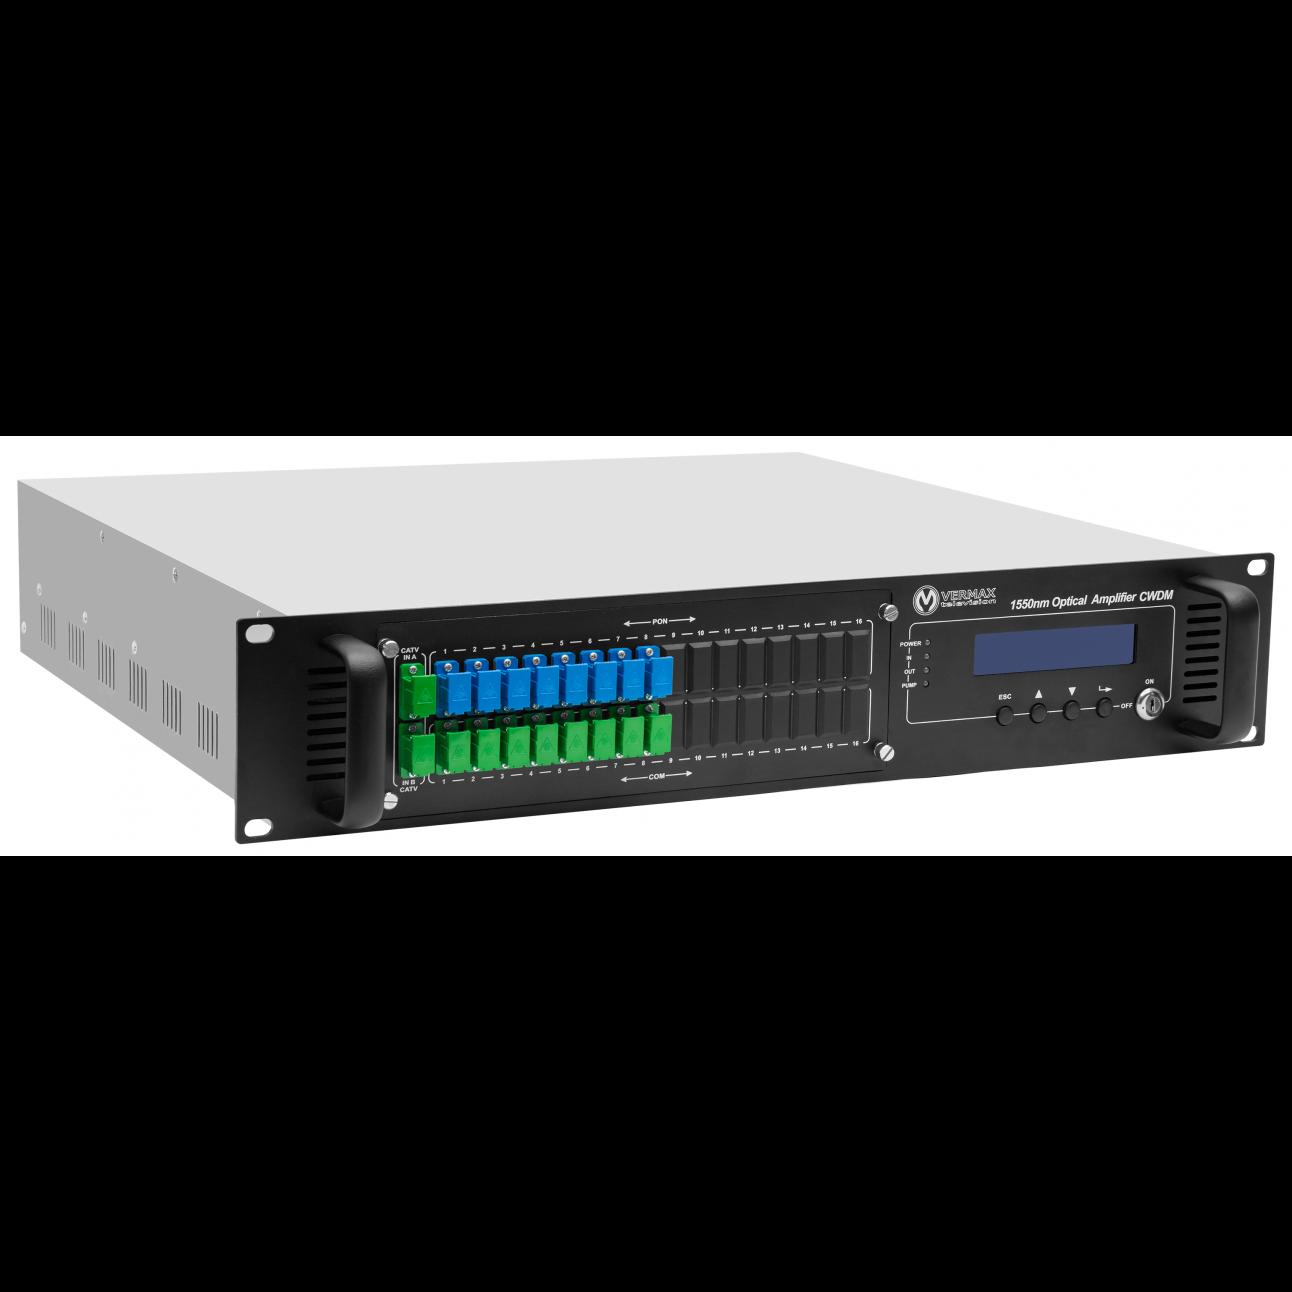 Оптический усилитель VERMAX для сетей КТВ, 2 входа, 8*18dBm выходов, WDM фильтр PON